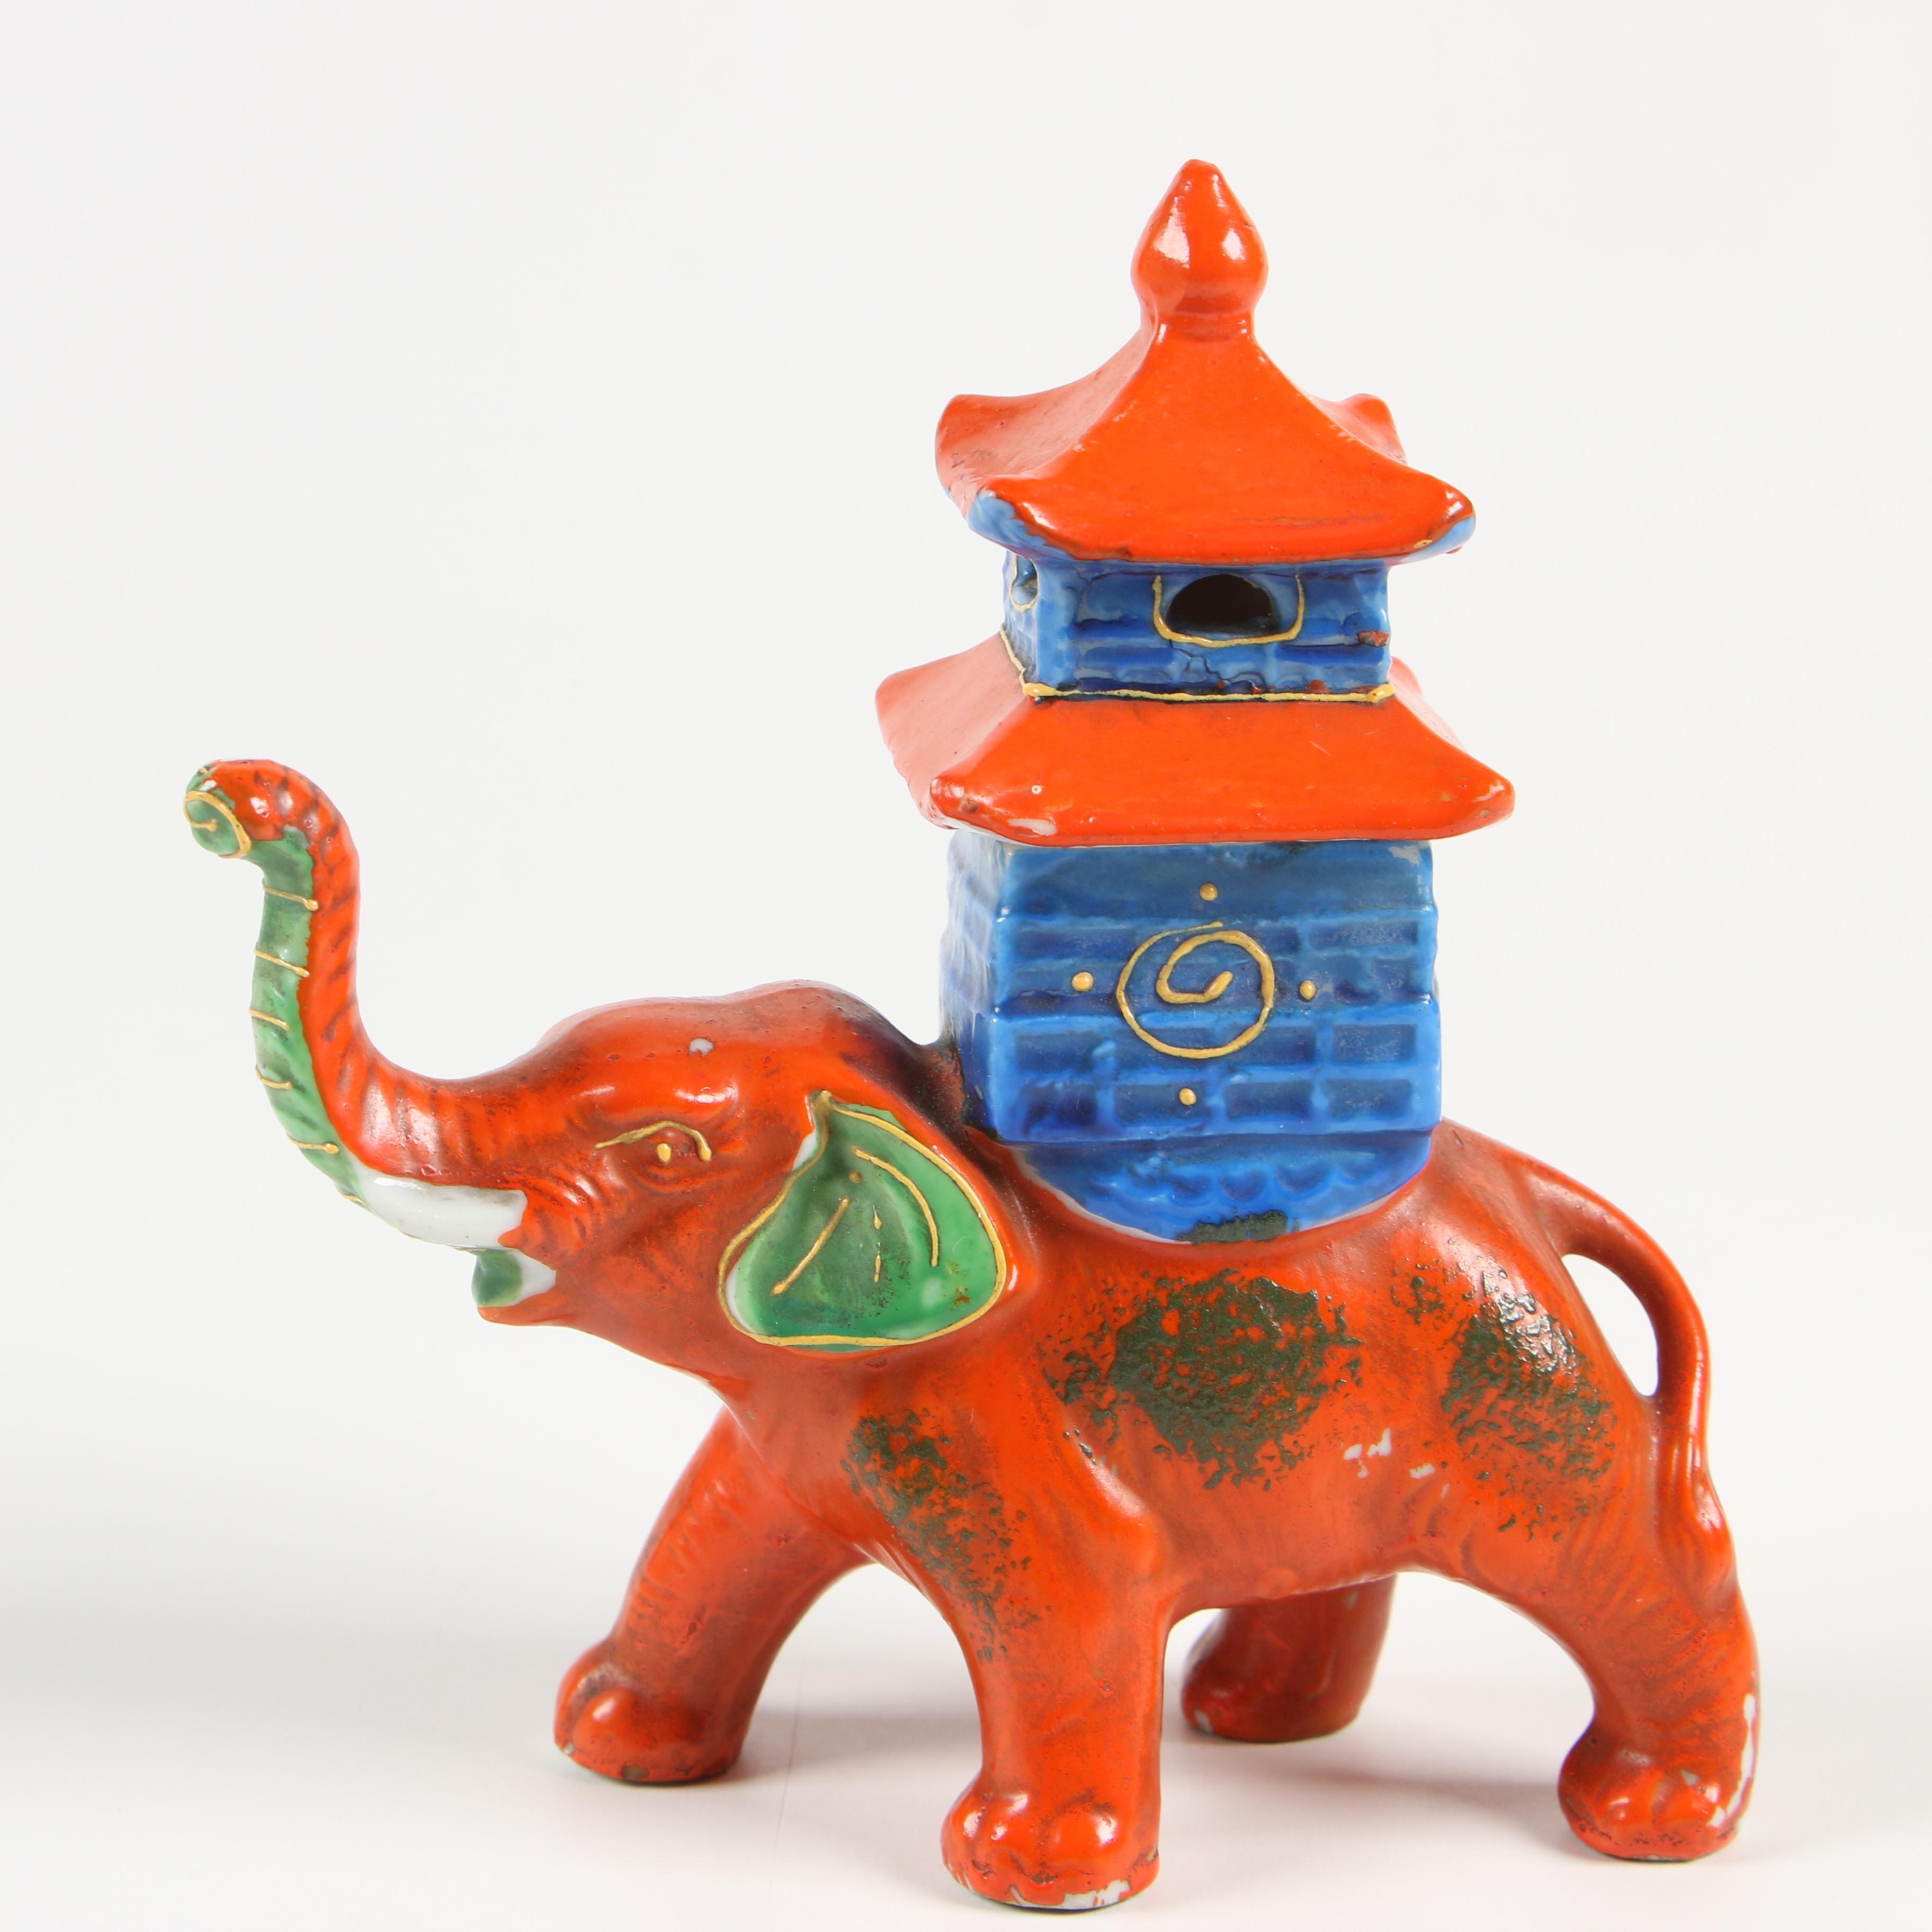 Cold Painted Ceramic Novelty Elephant Incense Burner